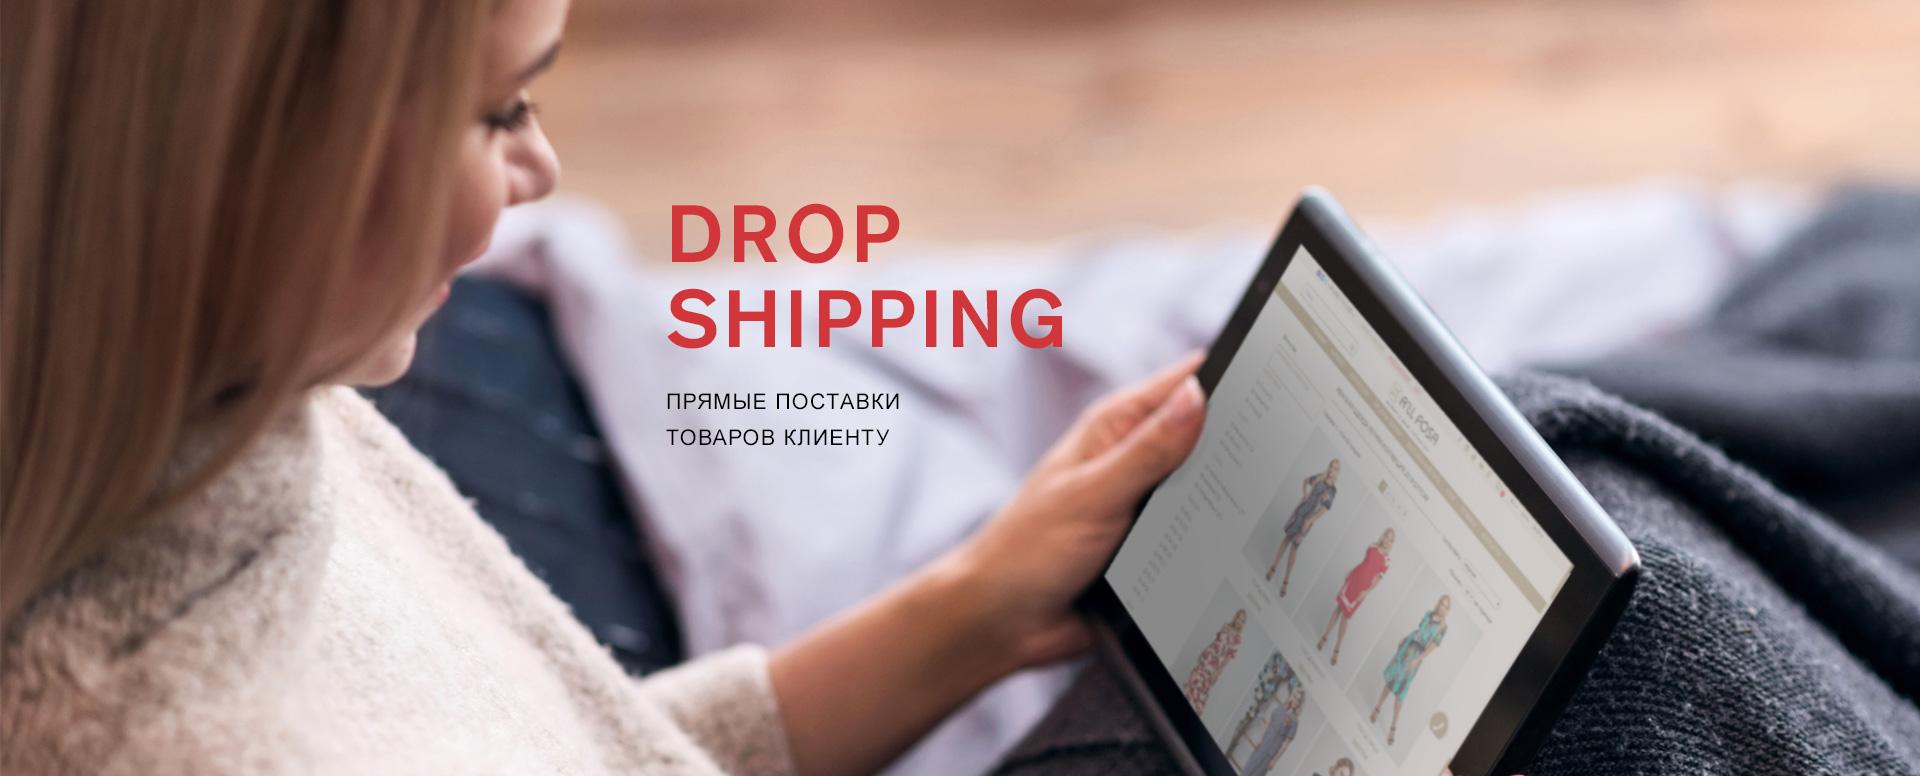 Женская одежда Дропшиппинг - прямые поставки товаров клиенту